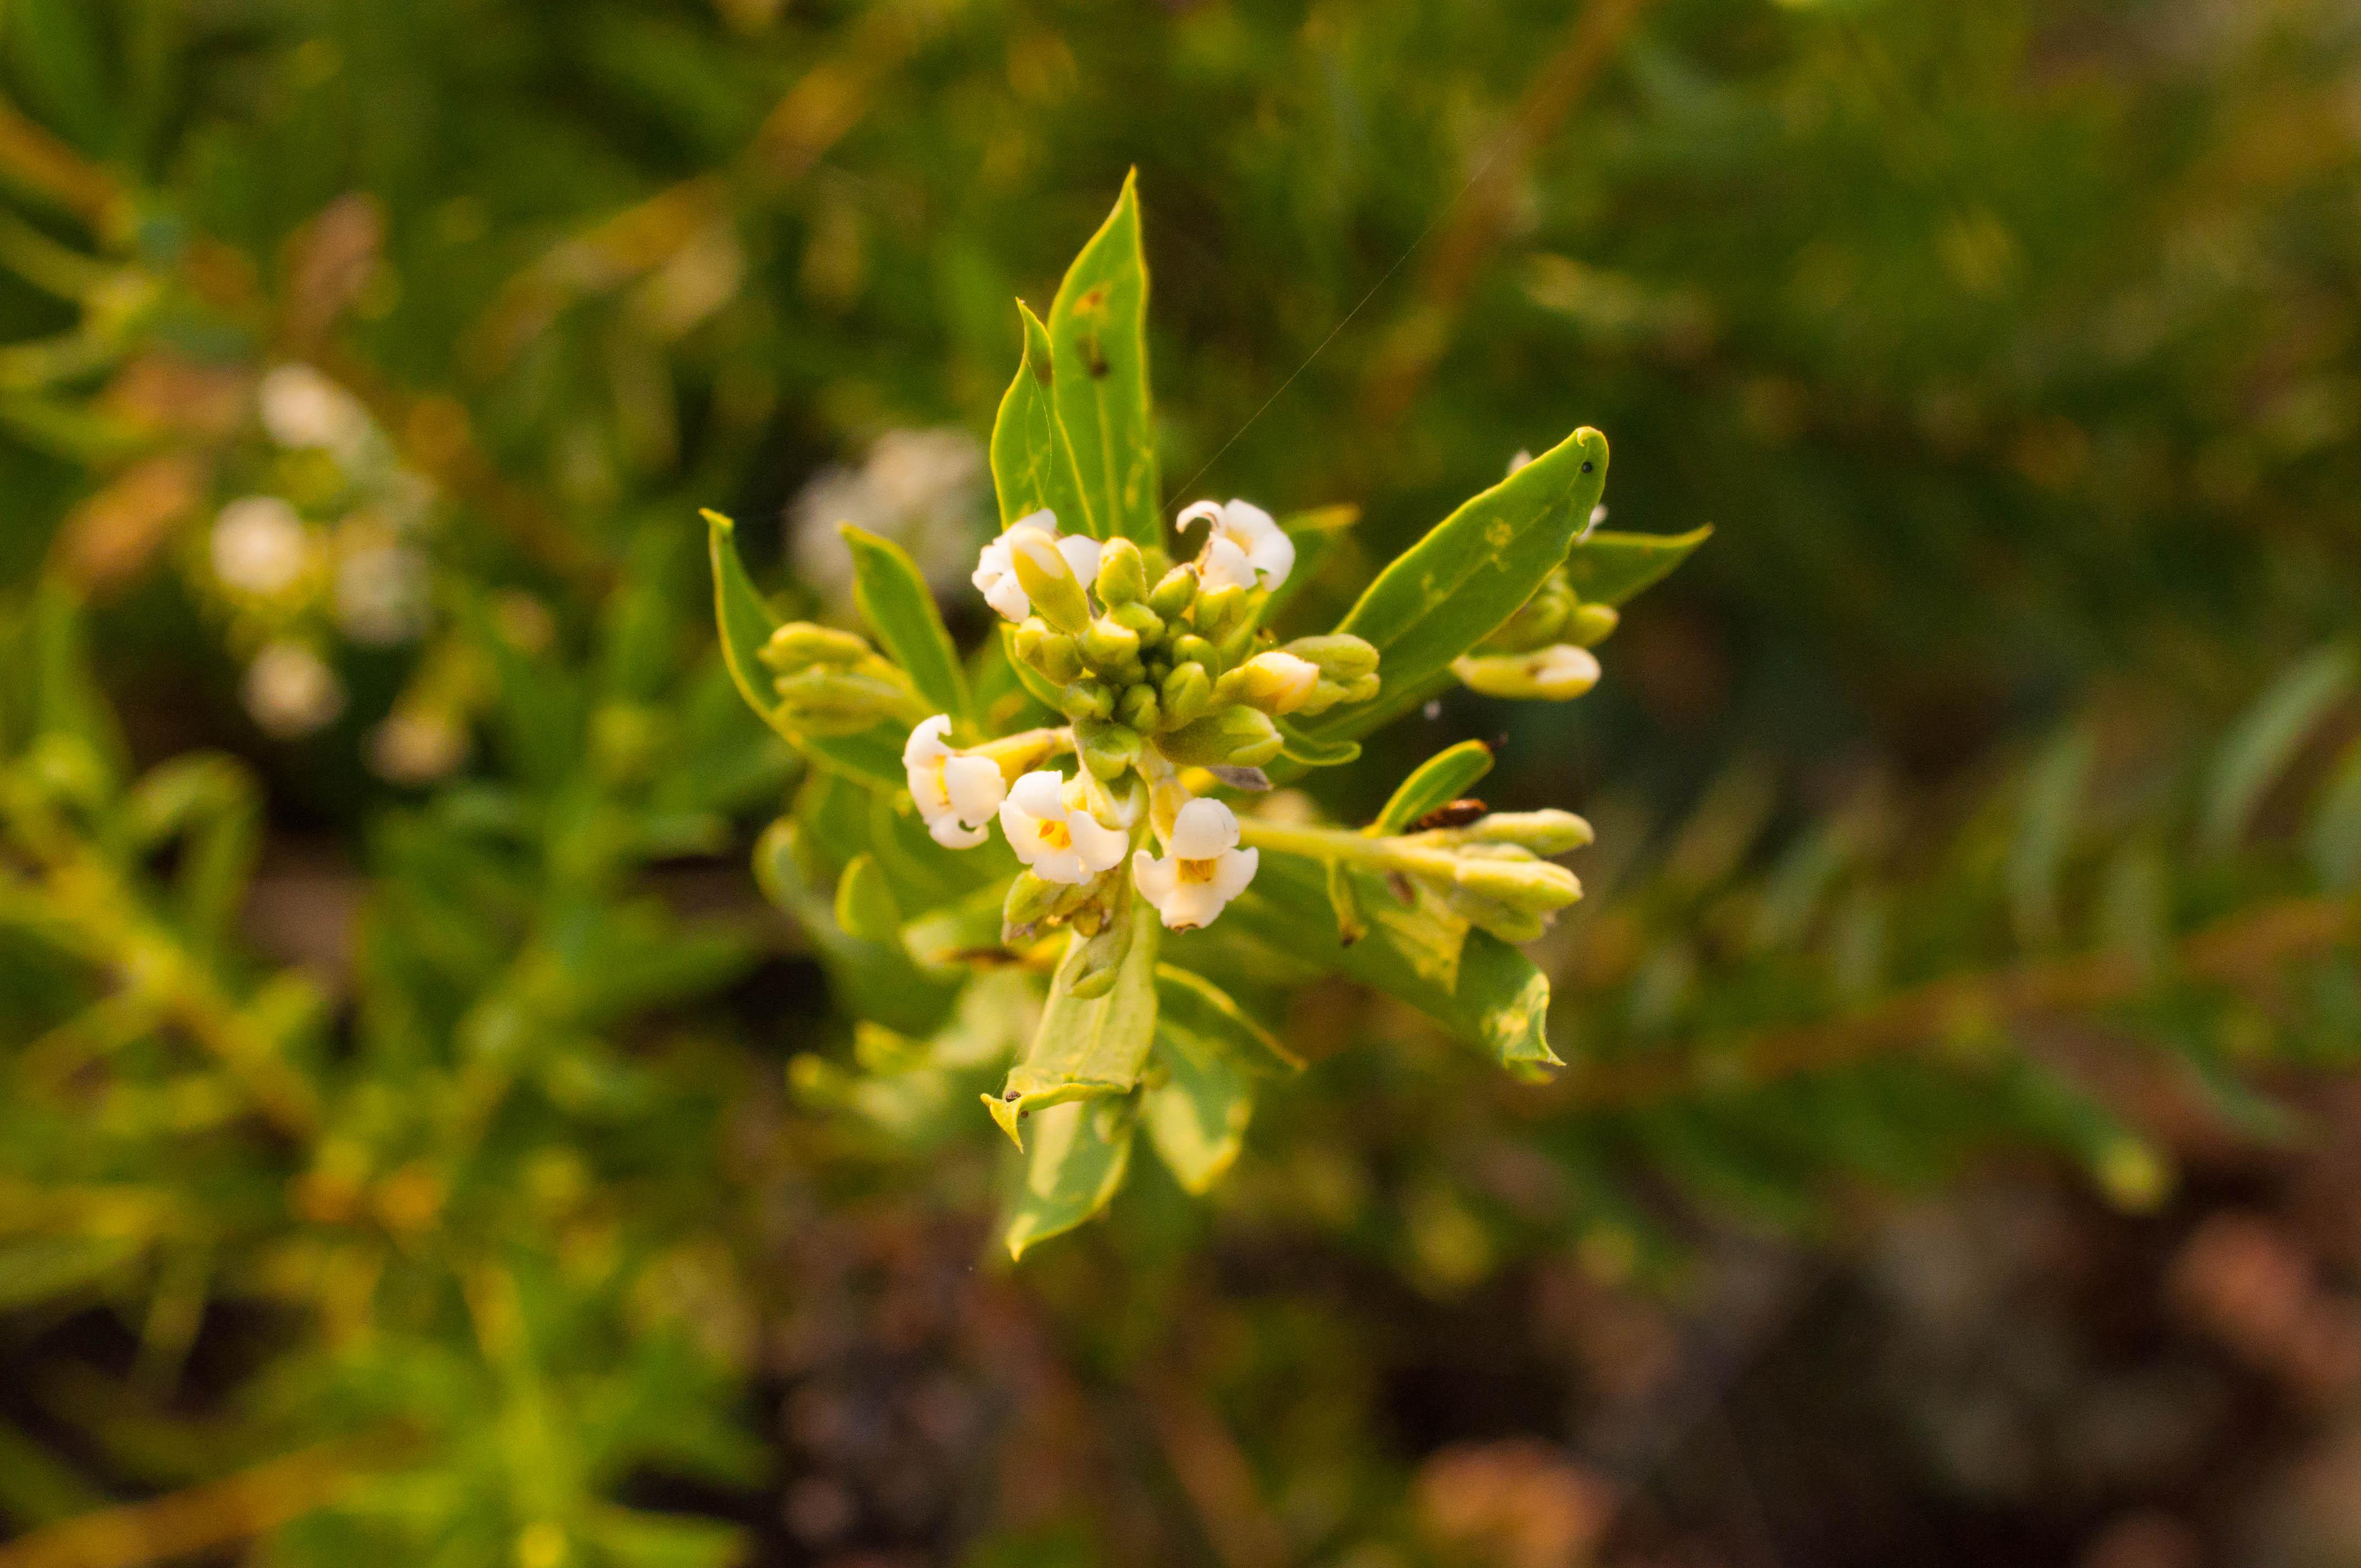 Daphne gnidium Las Obreras de Aliste